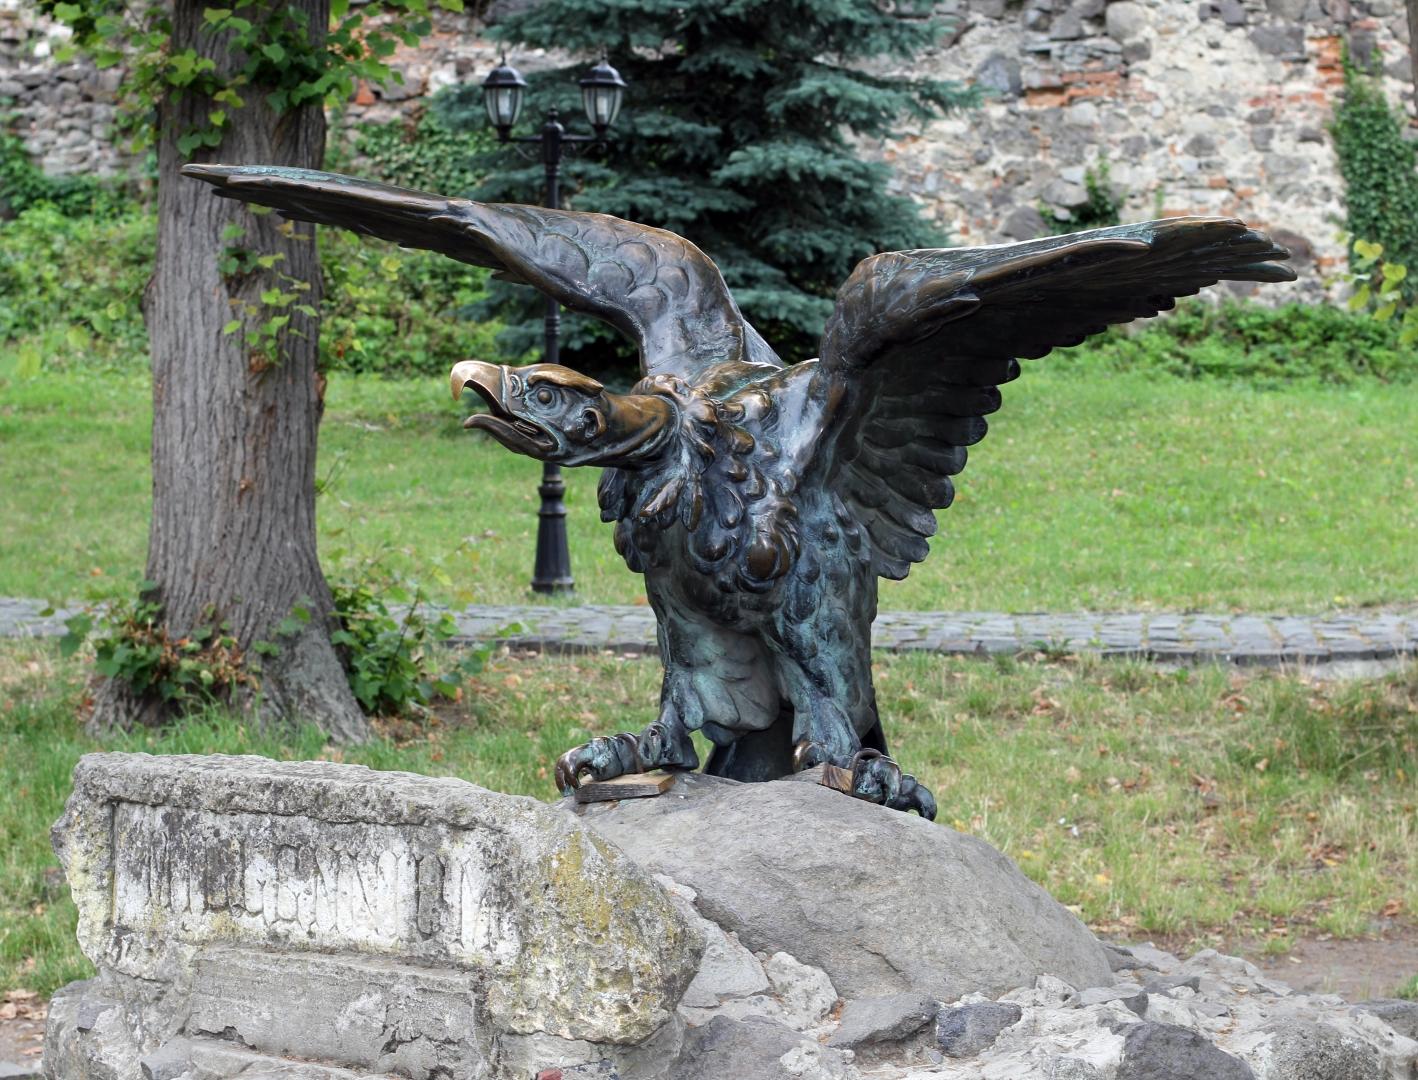 Турул — венгерский национальный символ. Скульптура в Ужгороде (Украина)